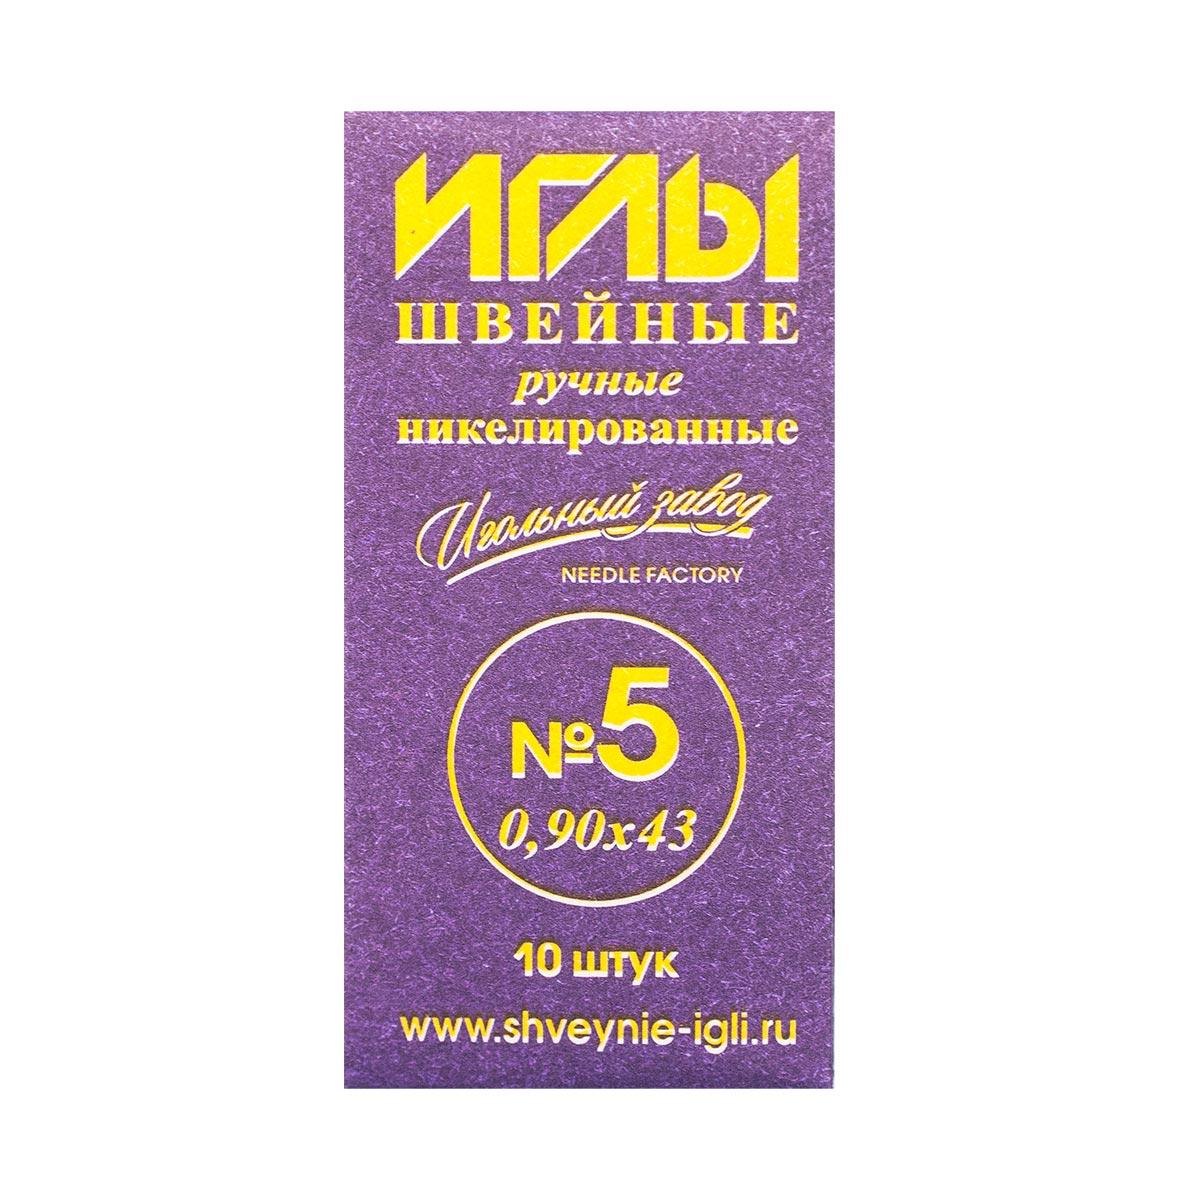 ИЗ-200105 Иглы швейные ручные №5 никелированные (0,90*43мм),10шт